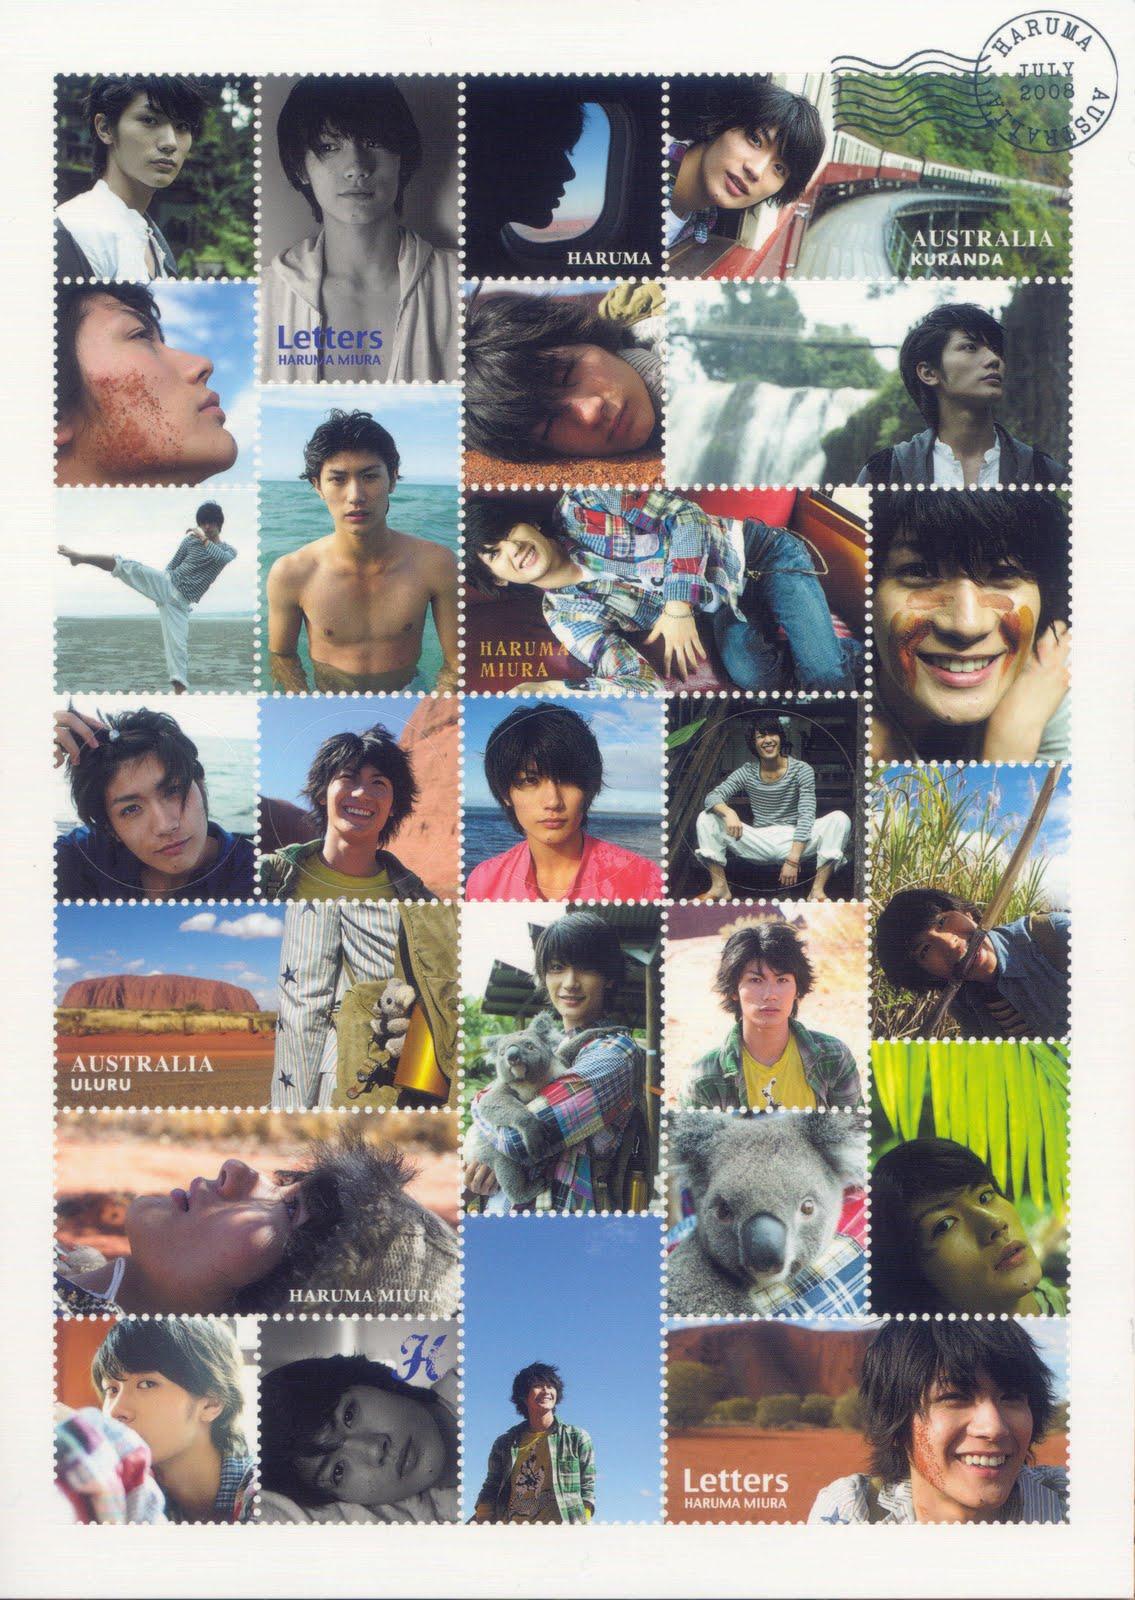 Miura Haruma MH-L-sticker